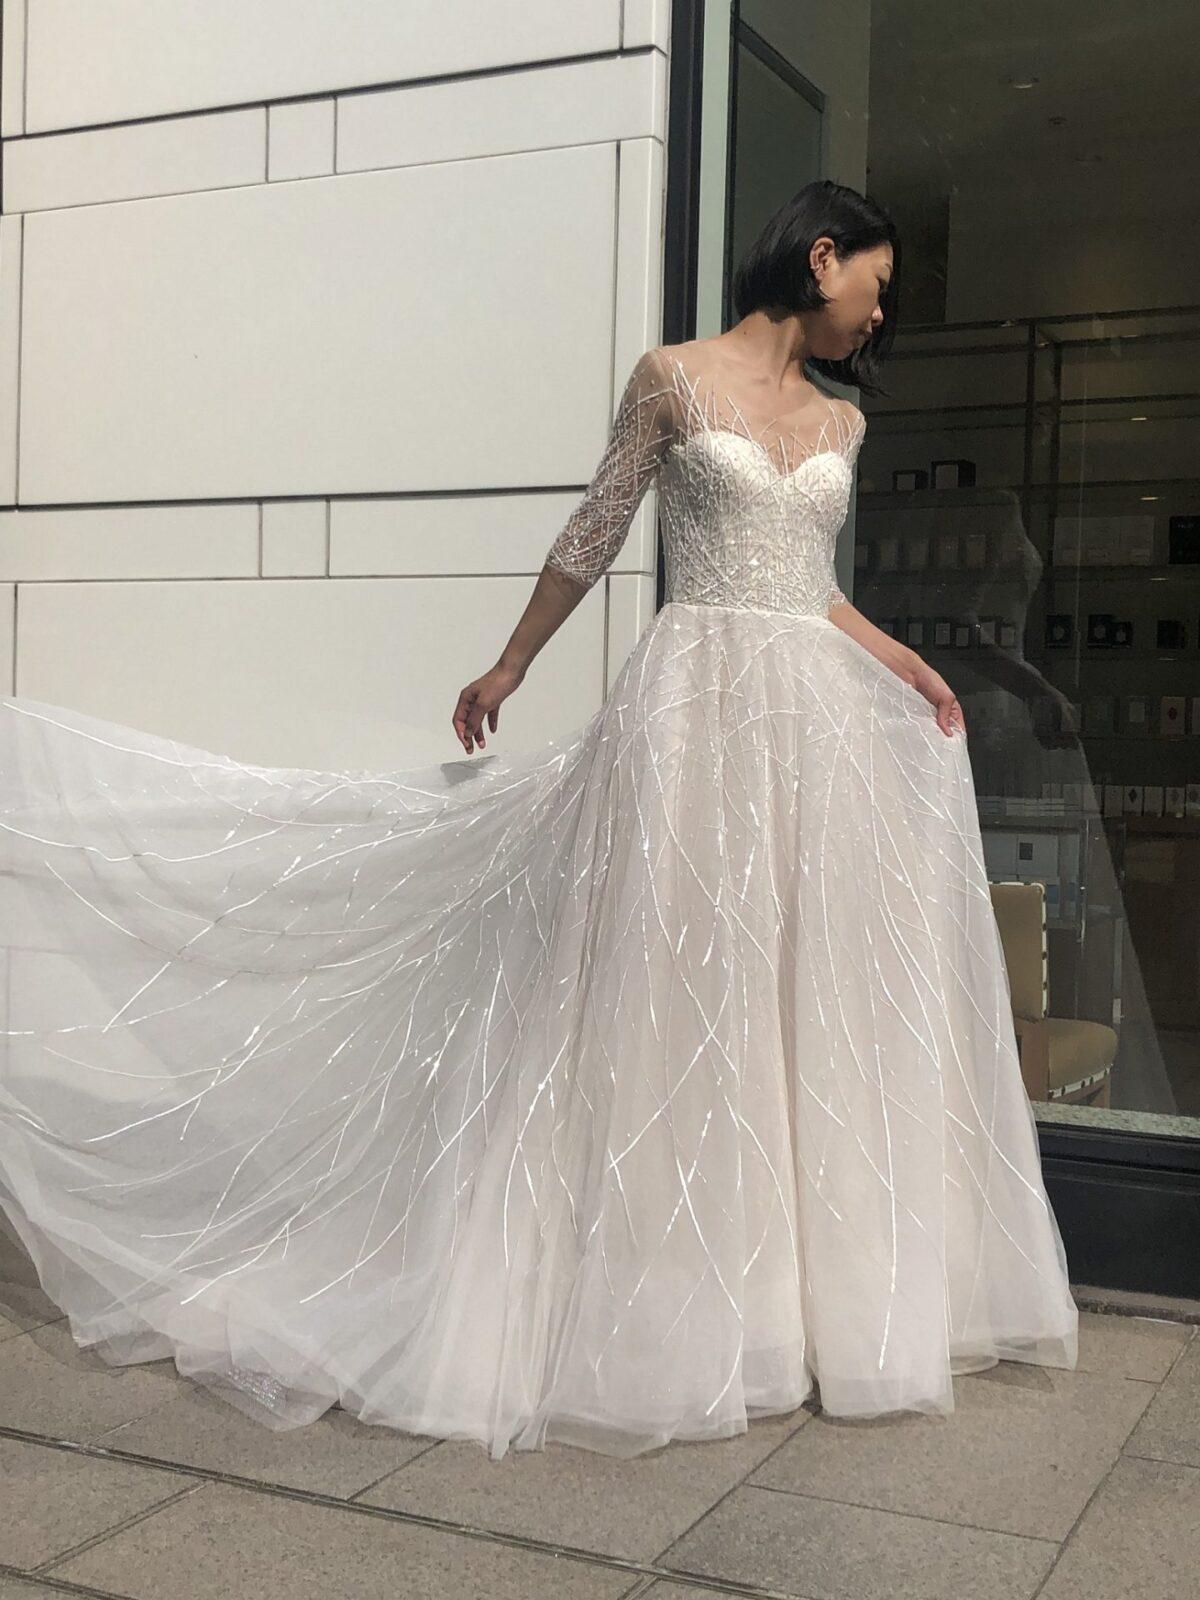 バーニーズニューヨーク横浜店で人気のレンタルウェディングドレスは直線状にビジューが施され、屋外では特にきらきらと美しく輝くハーフスリーブのAラインドレスです。